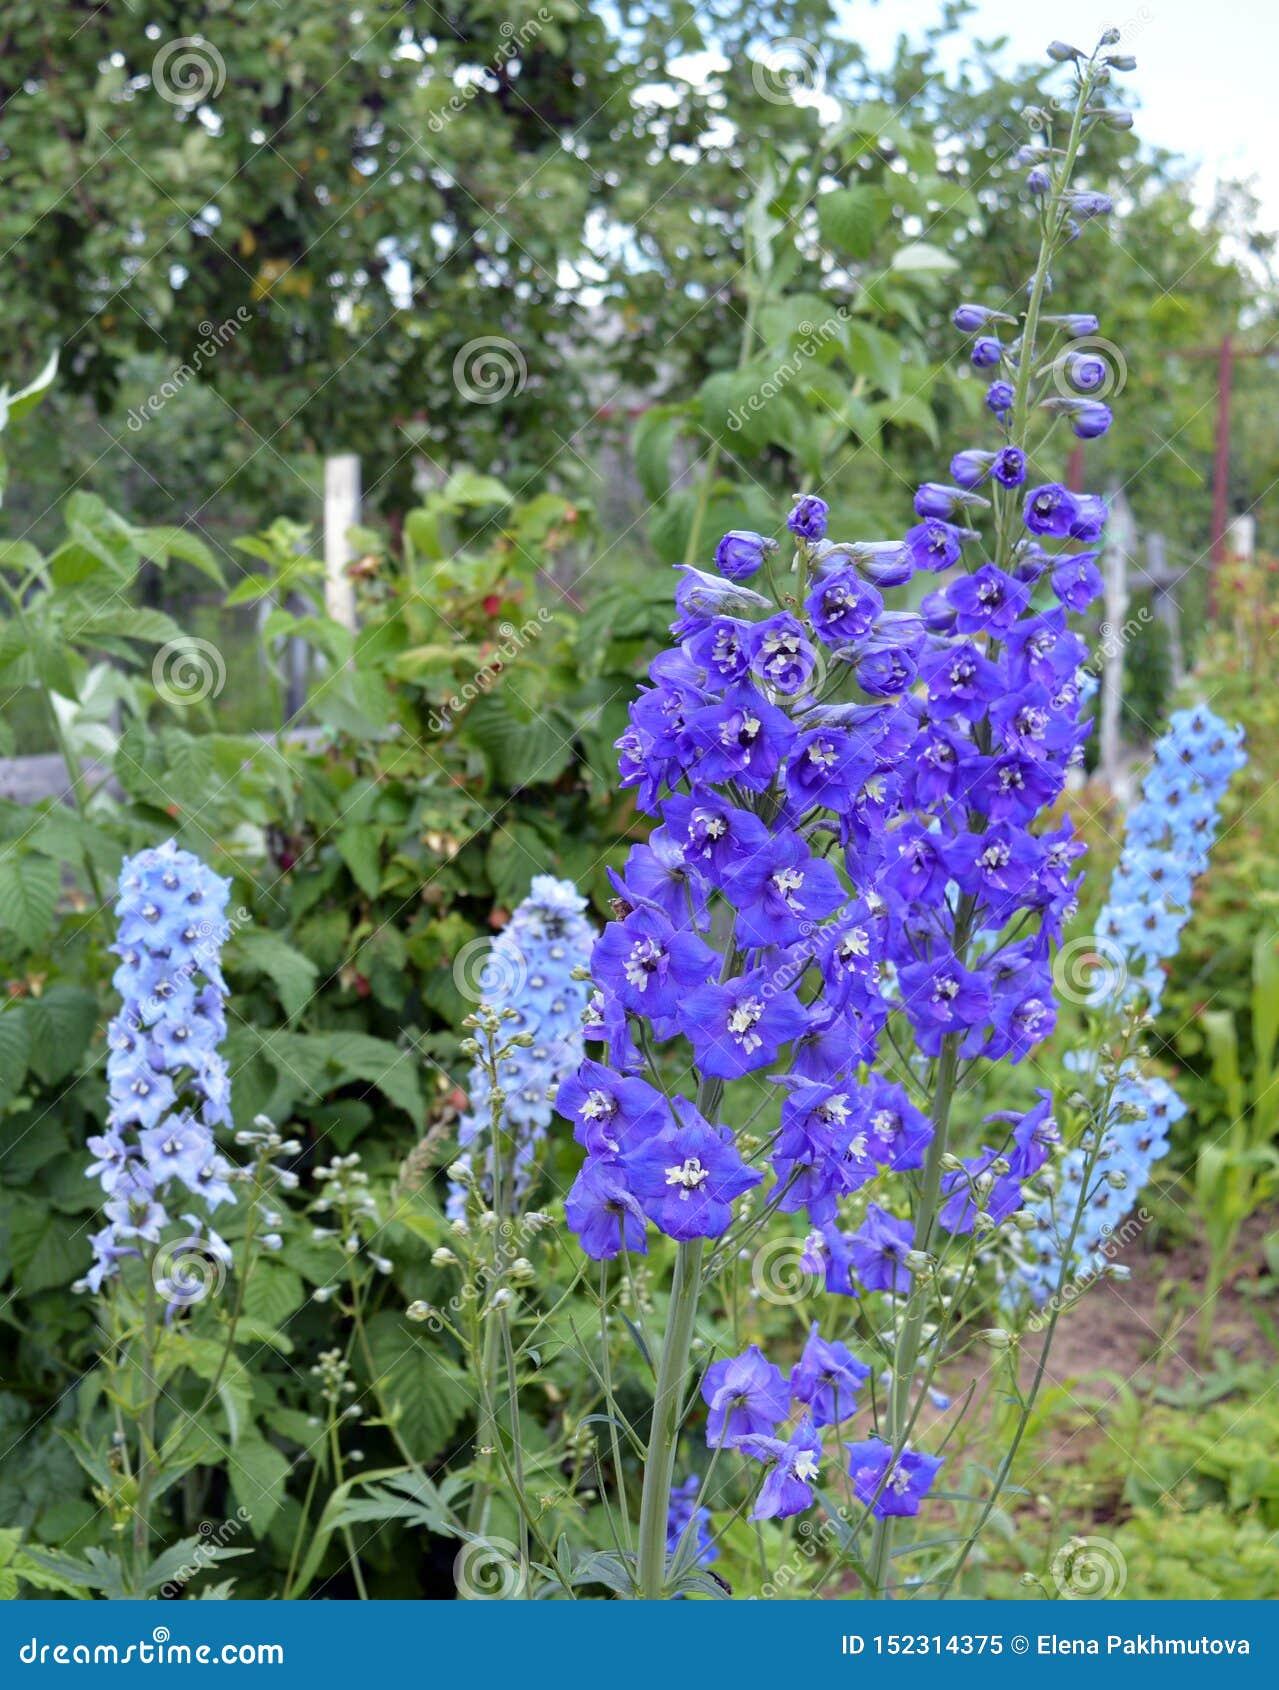 Flor, natureza, flores, roxo, jardim, mola, planta, verde, azul, flor, lupine, verão, flor, flora, campo, alfazema, folha,